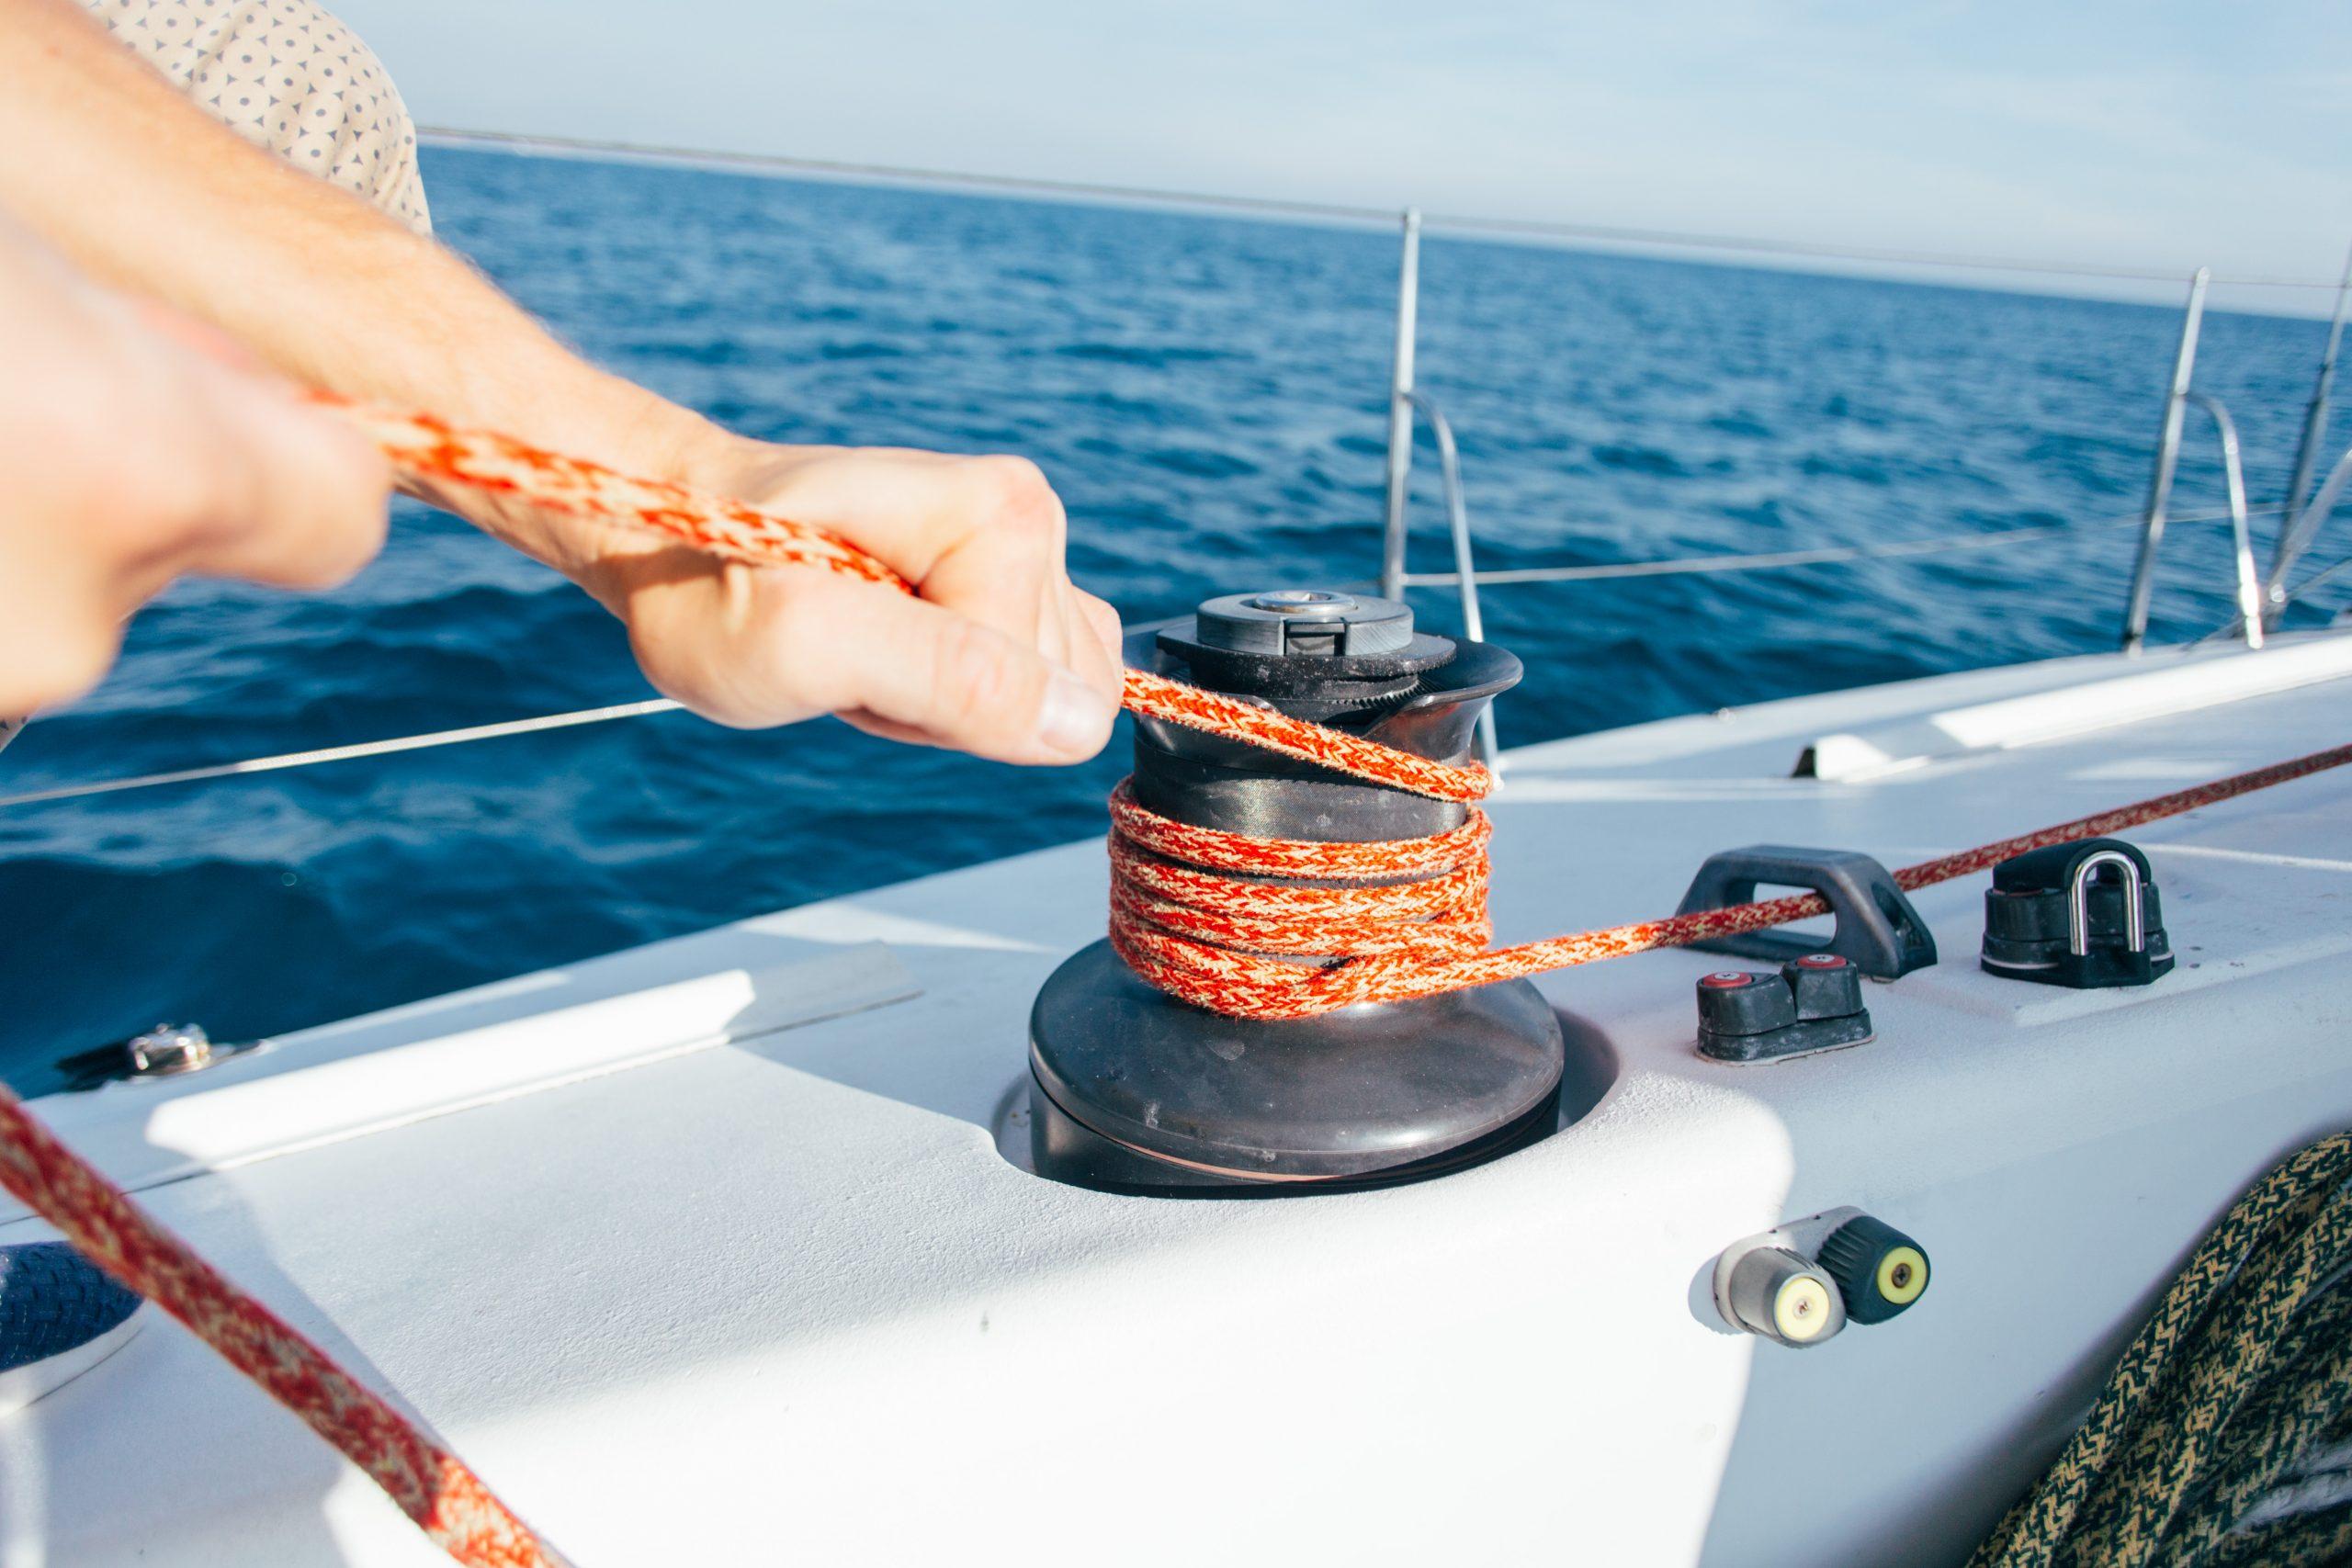 Marina Cap Cana se convierte en el principal destino de turismo náutico y pesca deportiva del mundo.